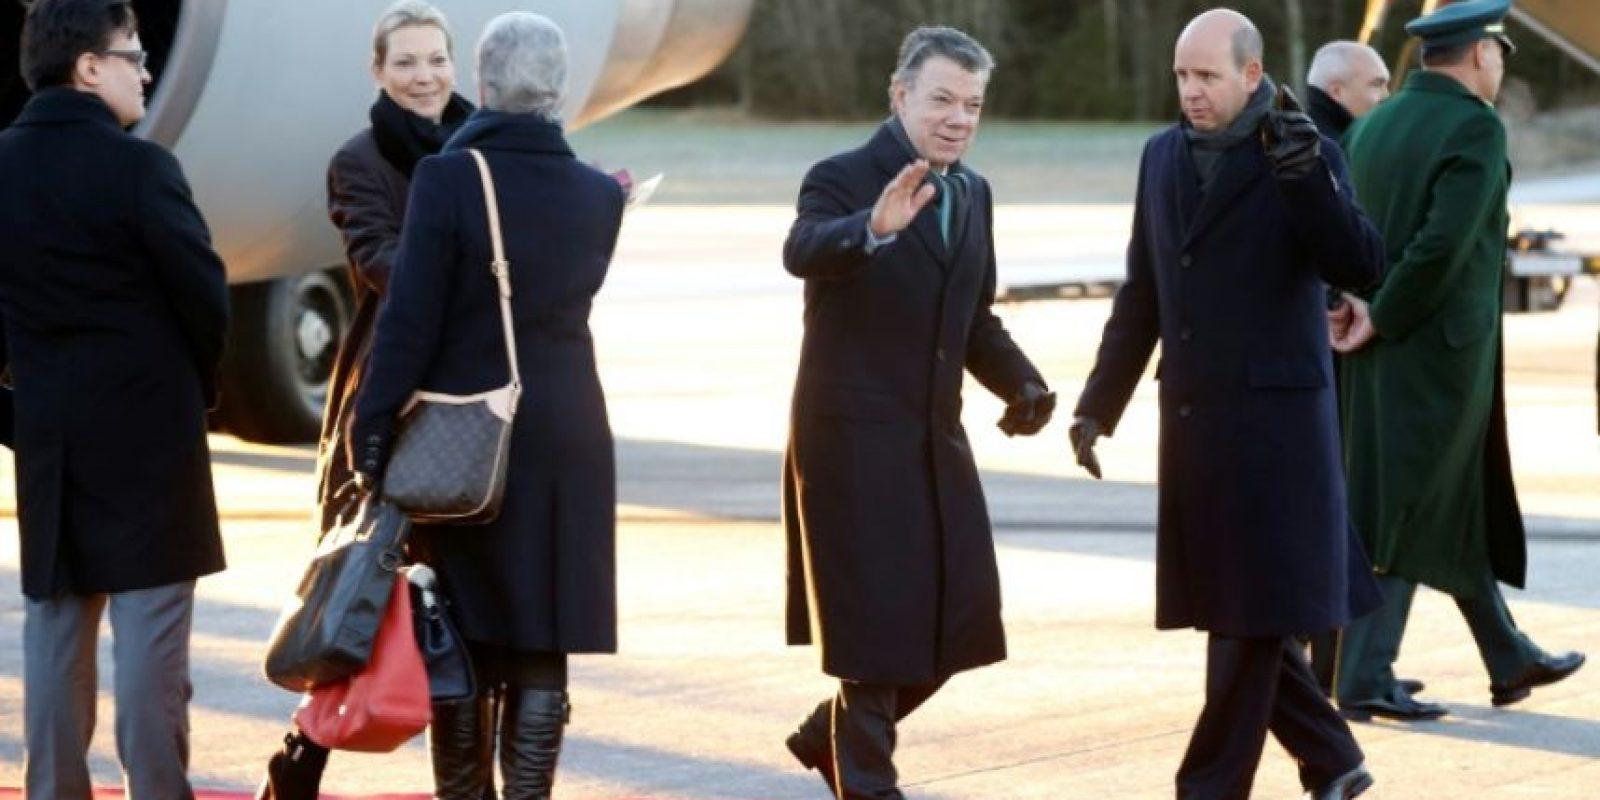 El premiado con el Nobel de la Paz y presidente de Colombia, Juan Manuel Santos, y su mujer, María Clamencia Rodríguez, llegan al aeropuerto de Oslo, el 9 de diciembre de 2016 Foto:Terje Pedersen/afp.com